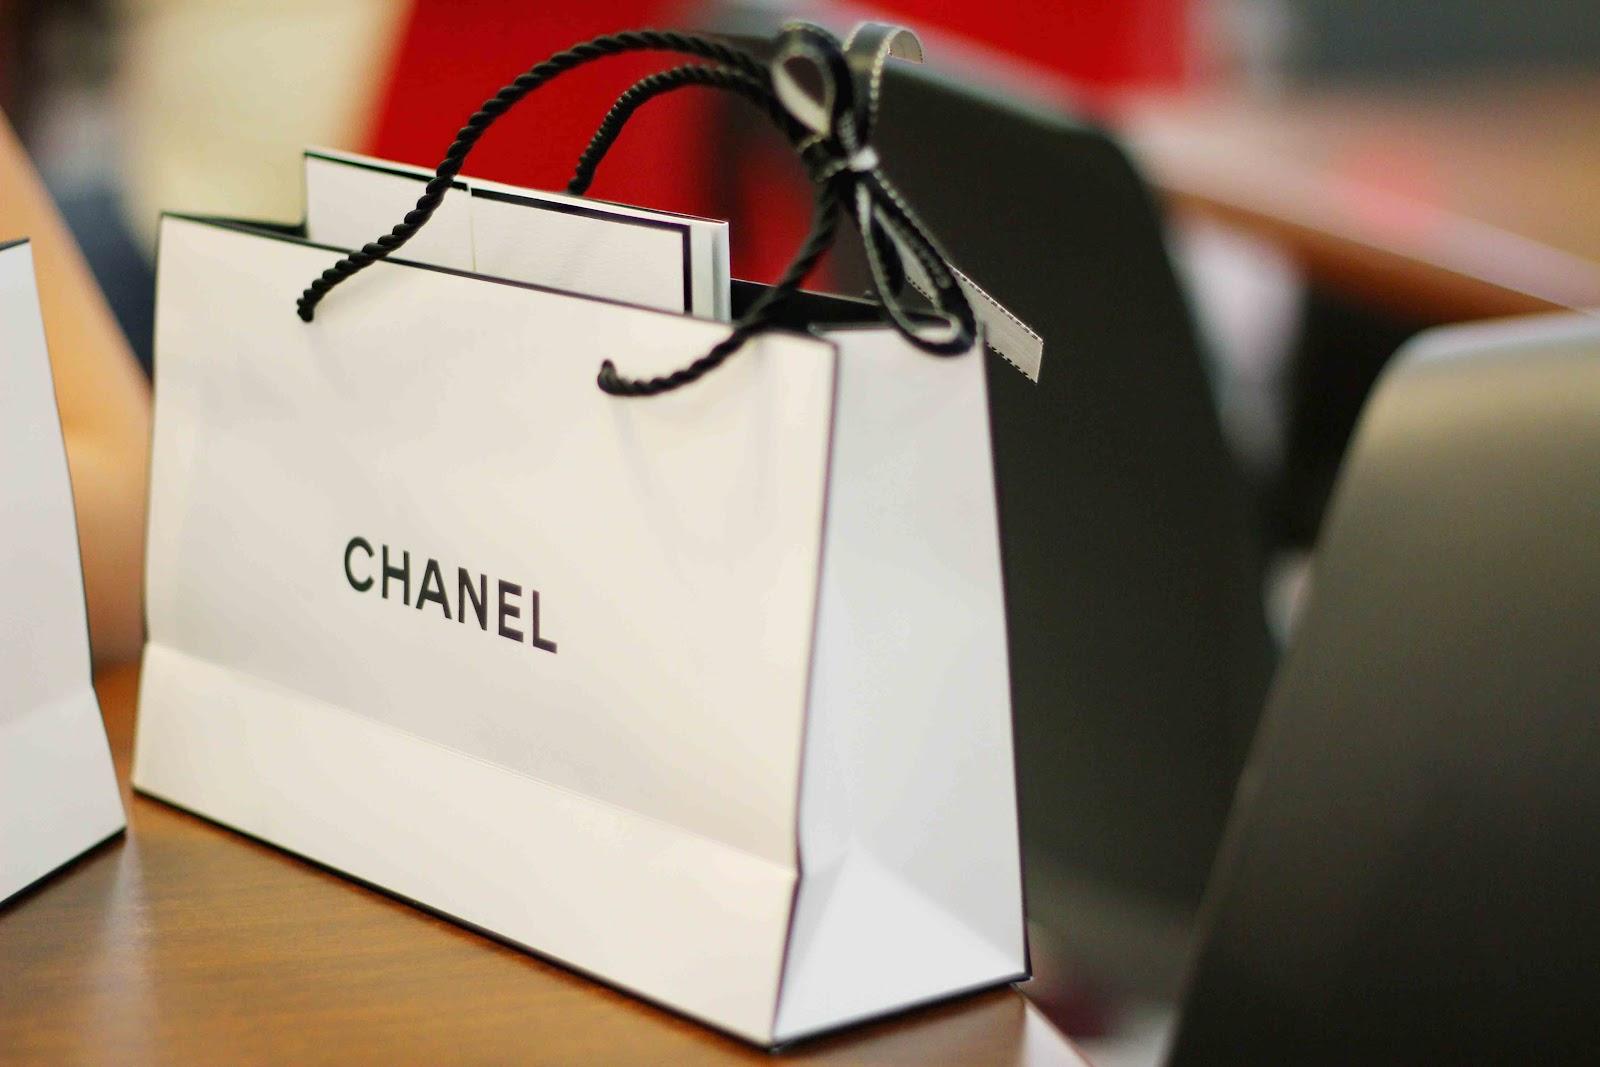 Sử dụng túi giấy sẽ góp phần nâng tầng giá trị của sản phẩm